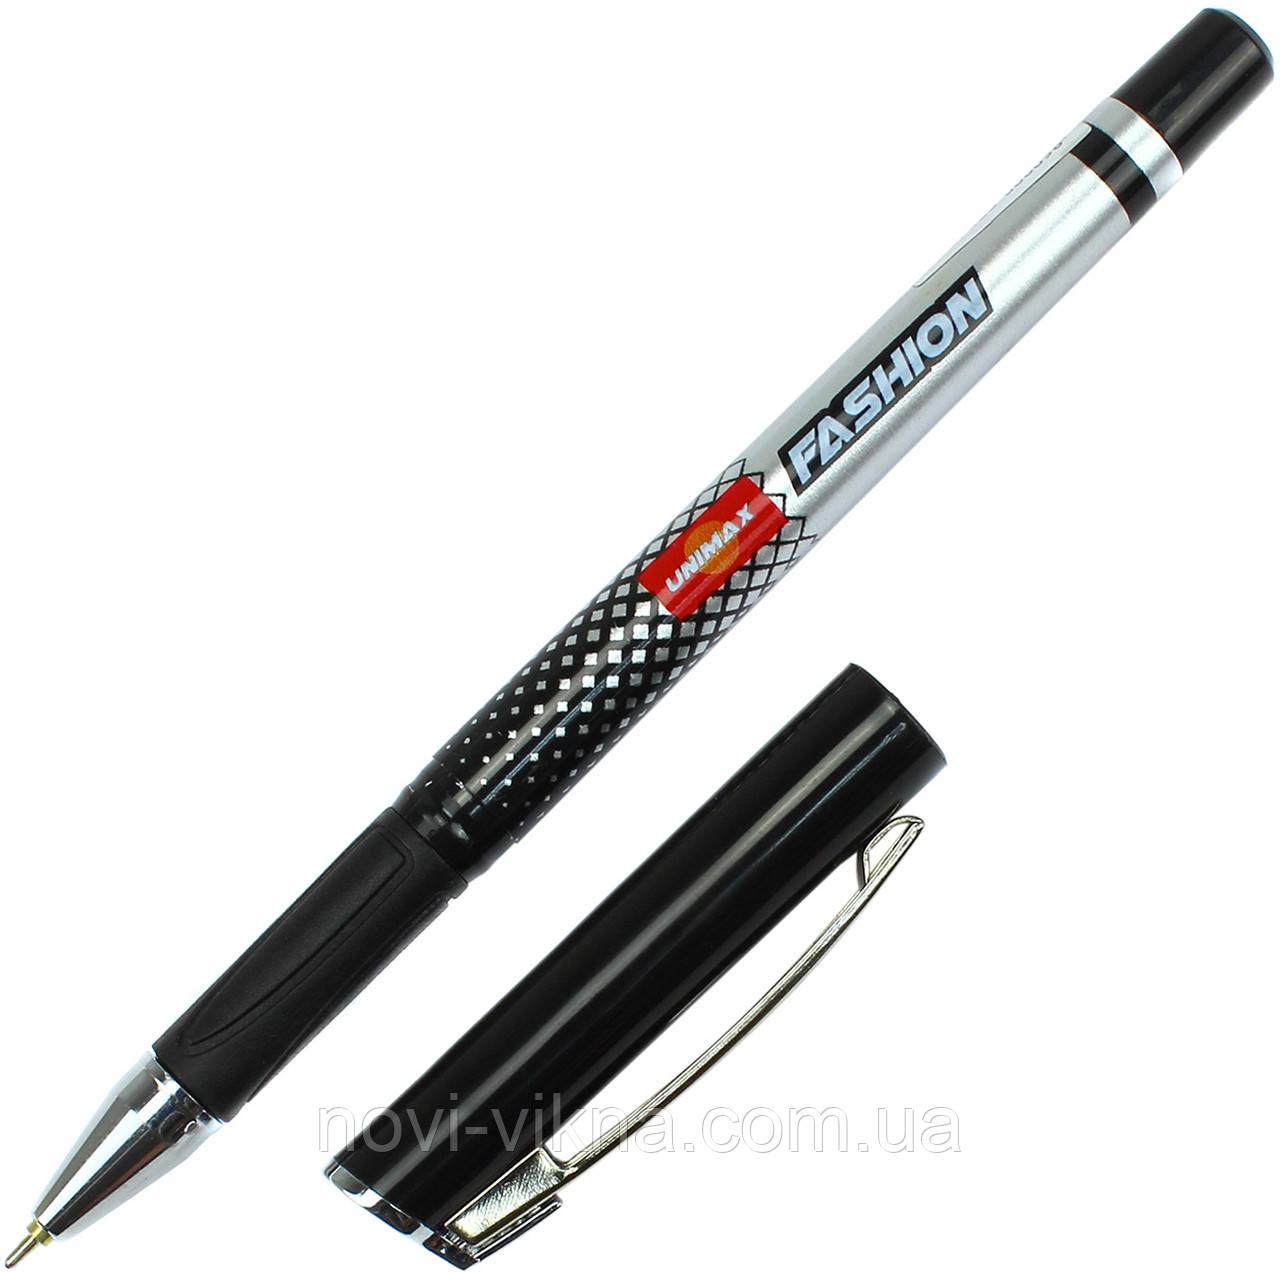 Ручка шариковая UNIMAX FASHION, черная.